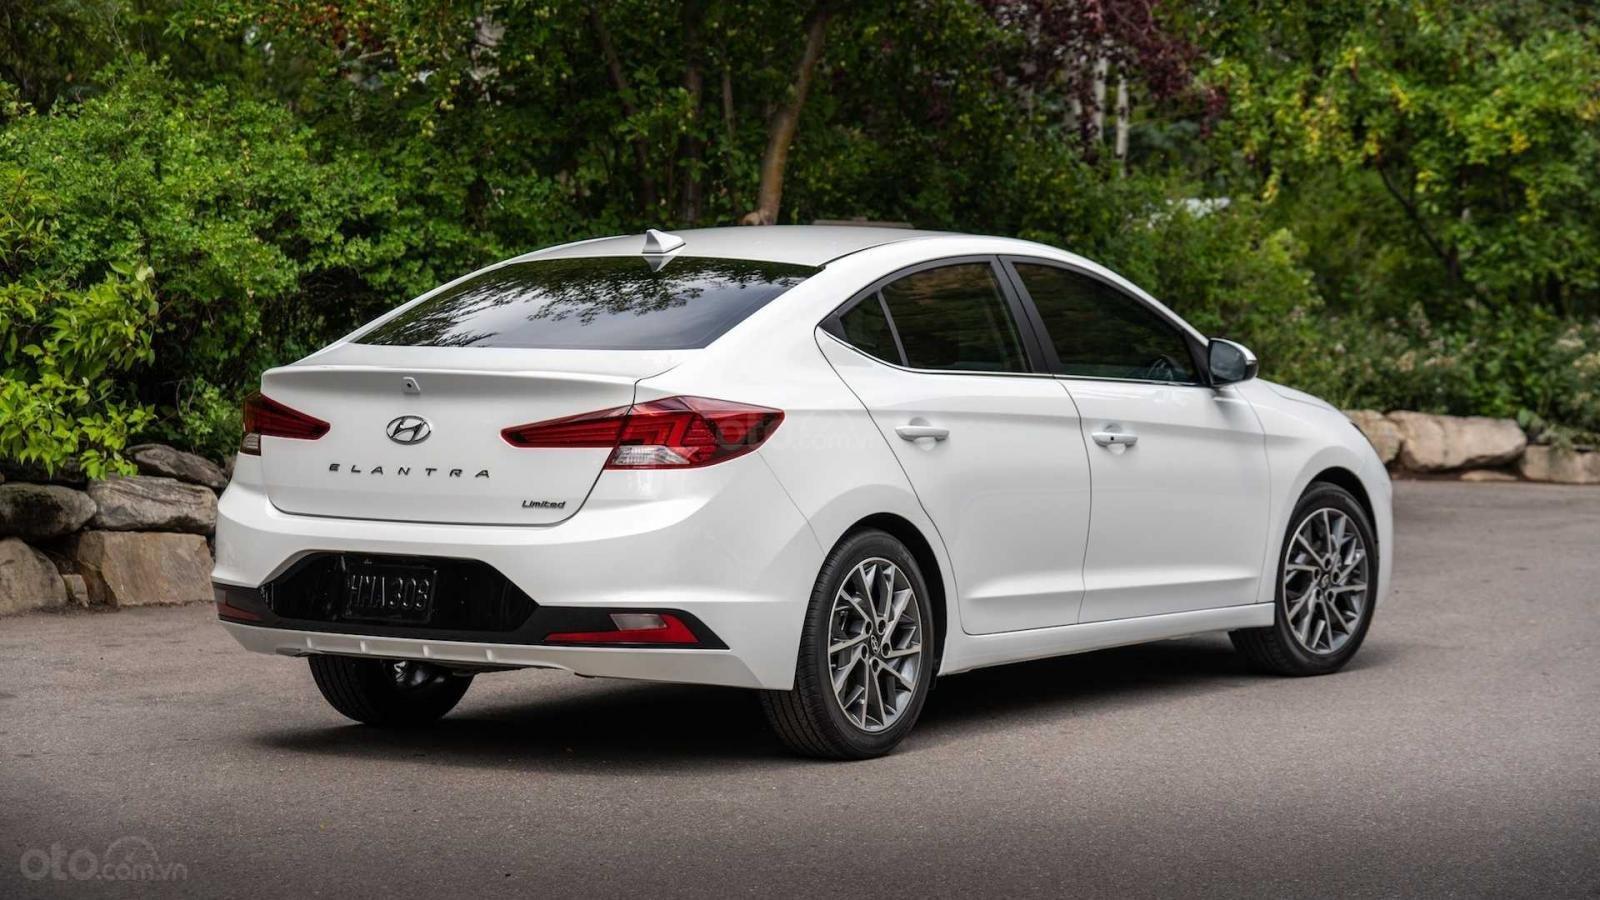 Hyundai Elantra 2020 sẽ trang bị hộp số tự động CVT và ly hợp kép